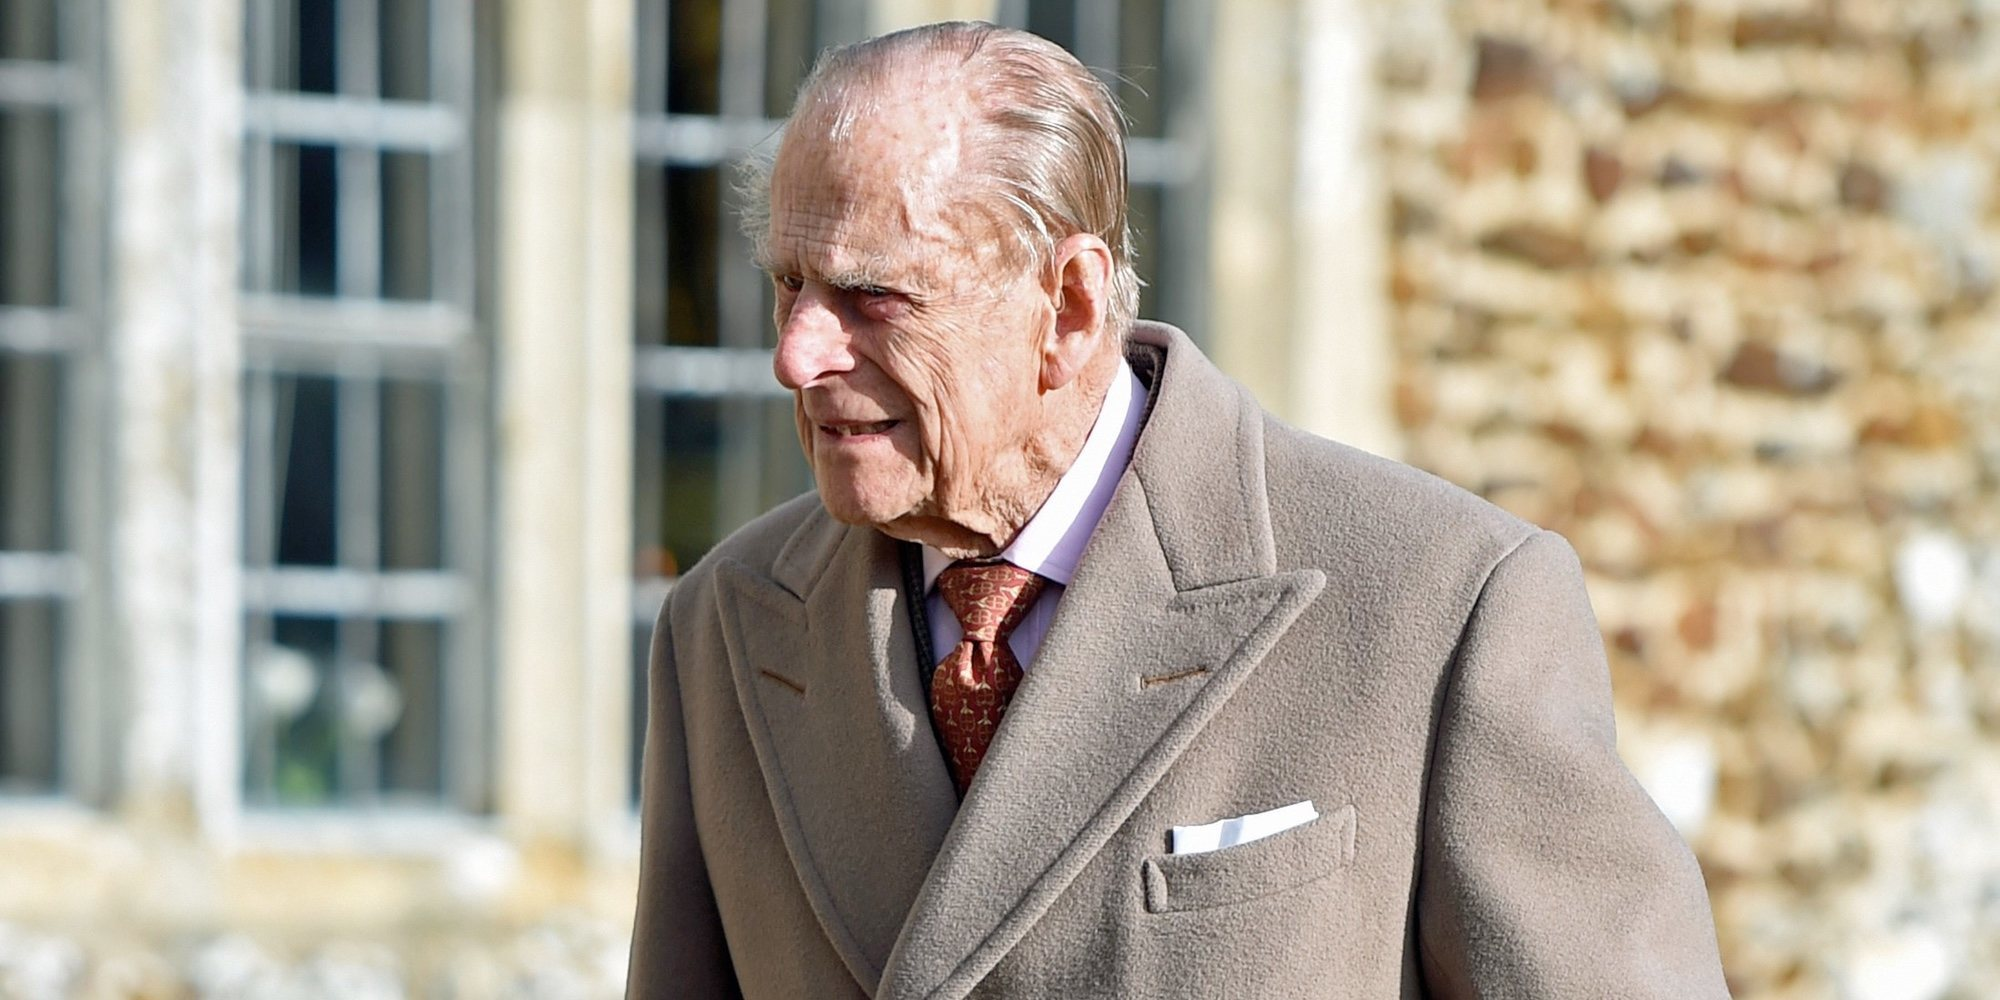 El Duque de Edimburgo, obligado a permanecer con la Reina Isabel pese a sus deseos de quedarse en Sandringham